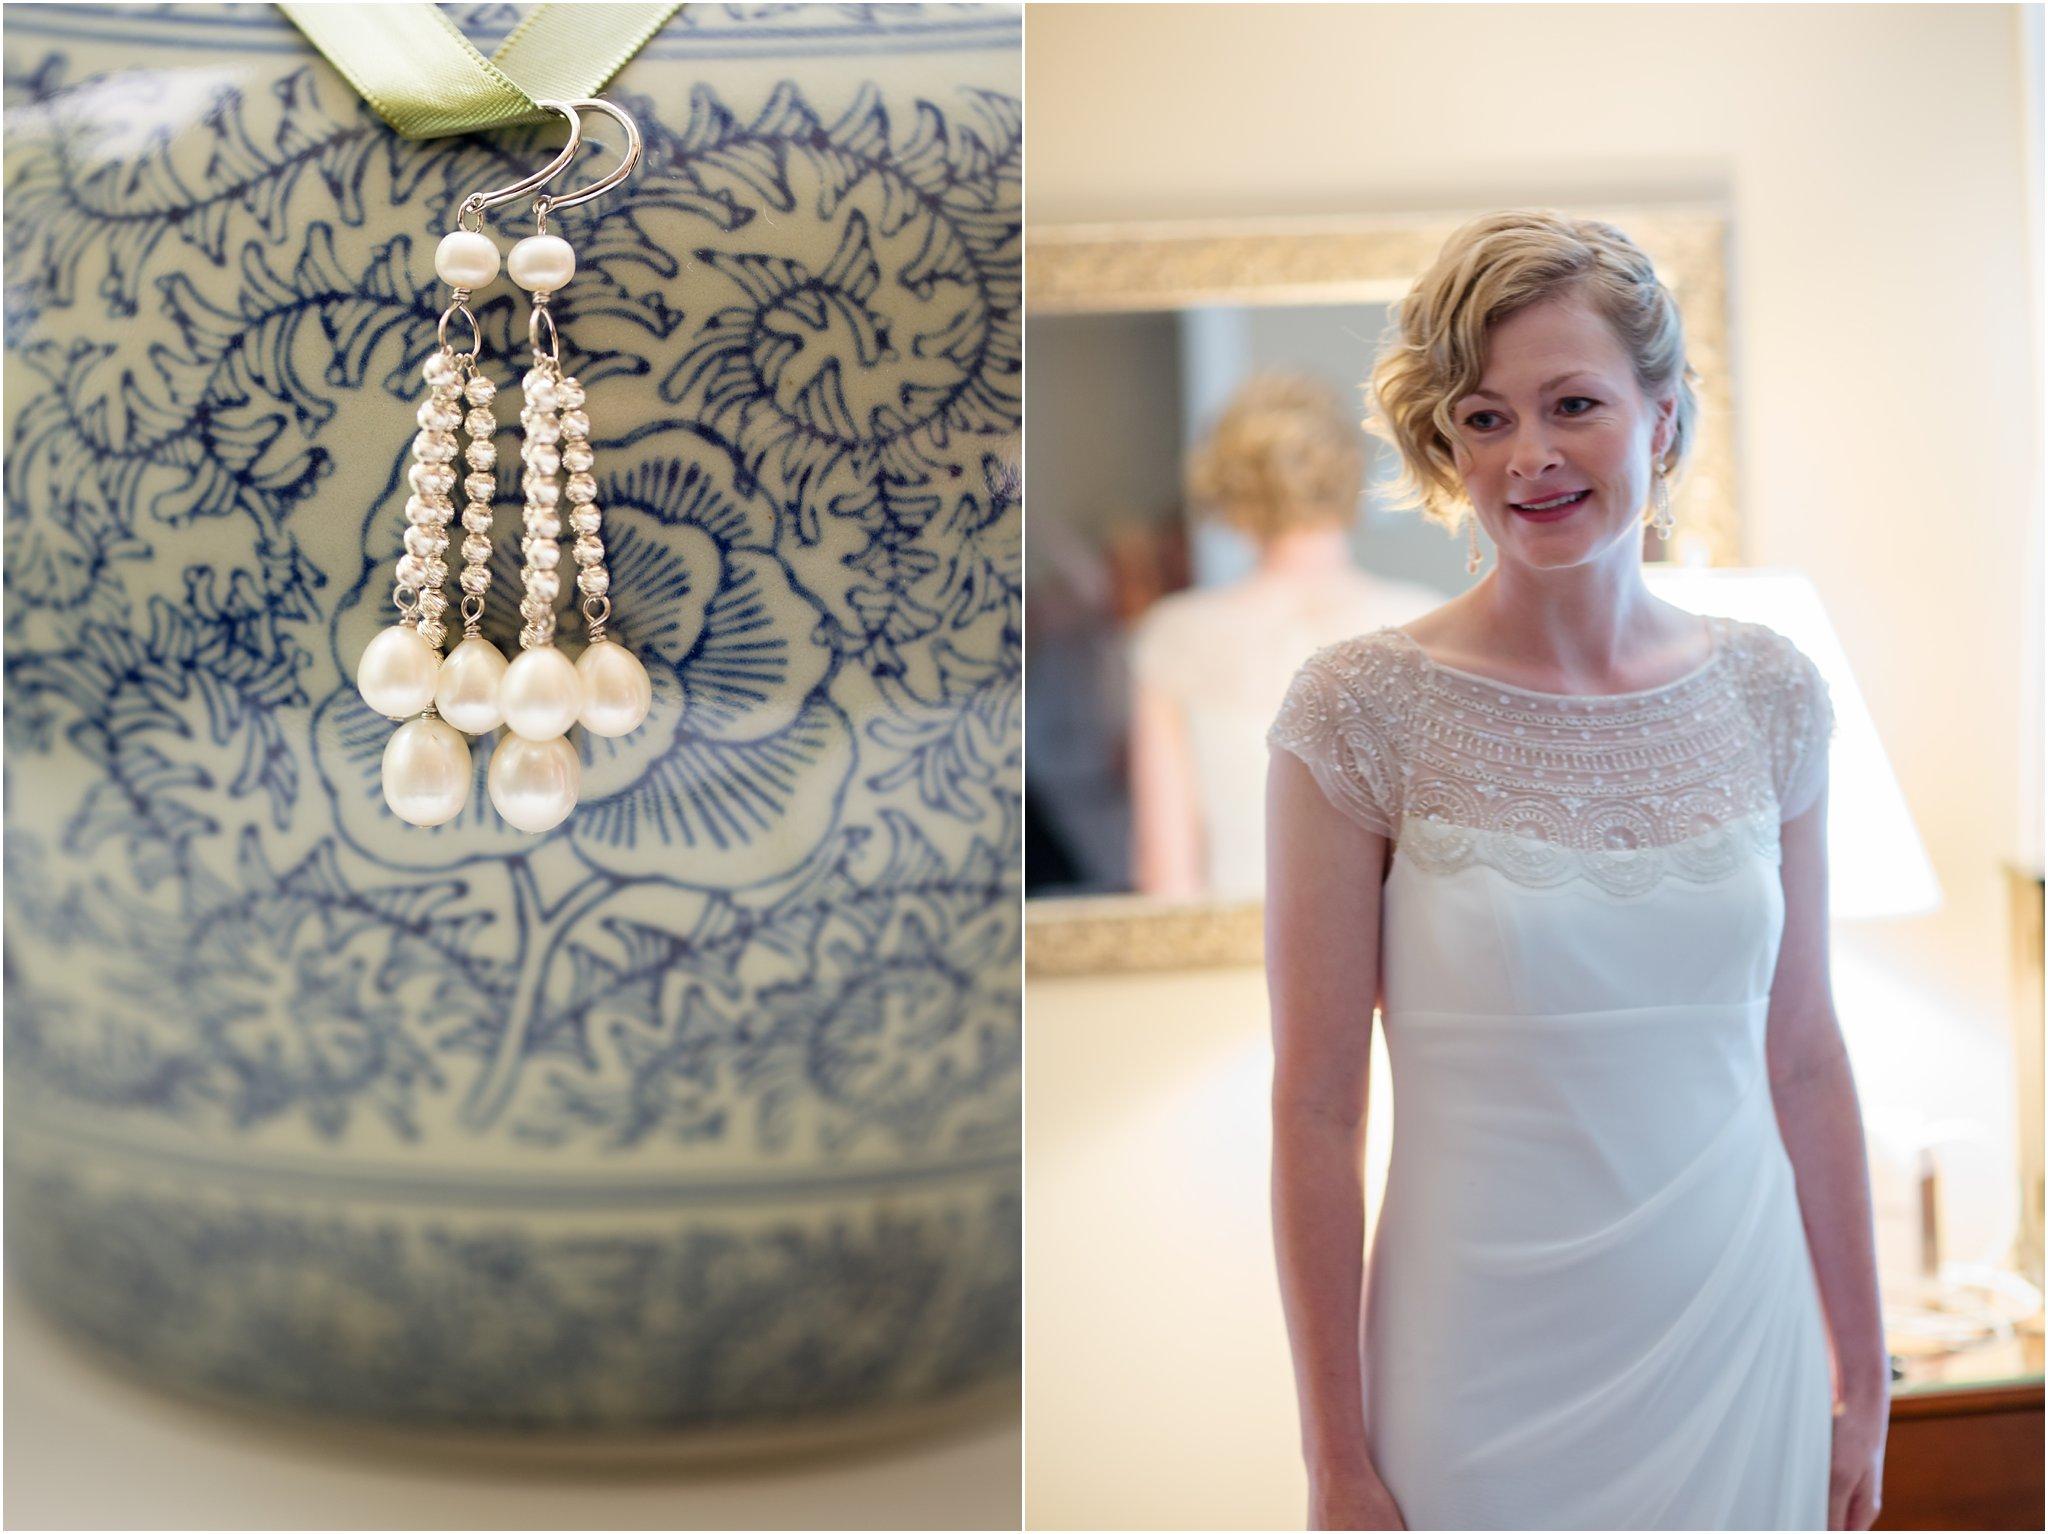 Earrings and Bride in Mirror